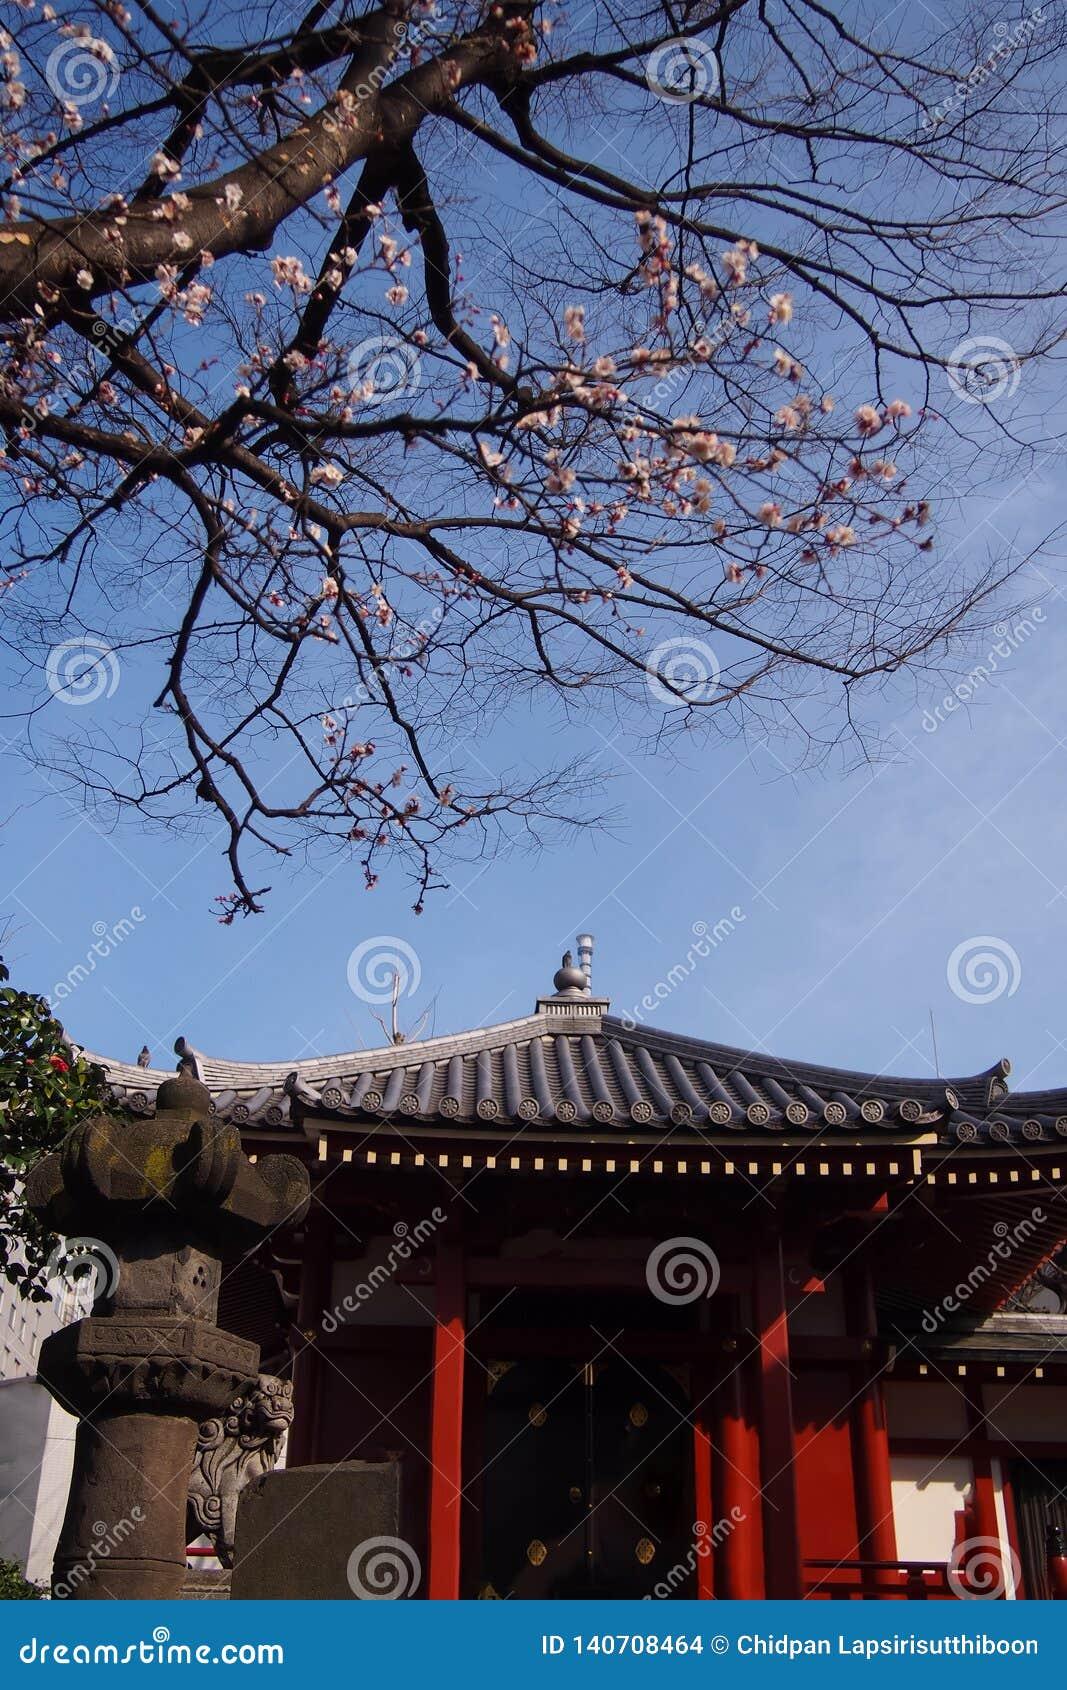 Relikskrin tempel, offentliga ställen i Japan och där är ett härligt träd för körsbärsröd blomning framme